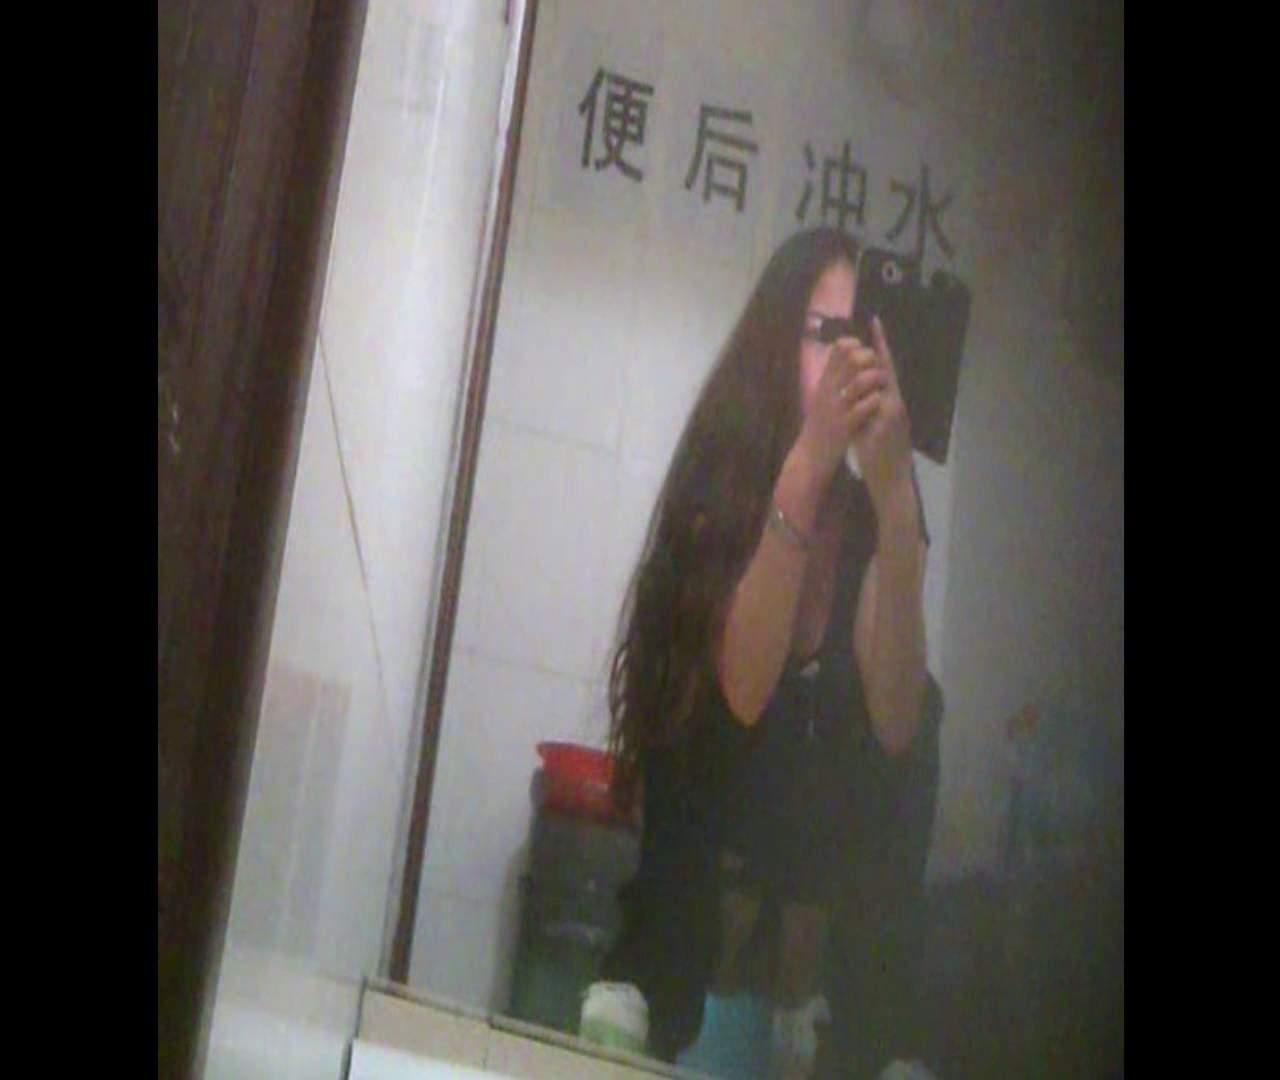 トイレ盗撮 Vol.08 イケイケ風おねぇさんは用を足しながら携帯でお顔チェック! 怪盗ジョーカー